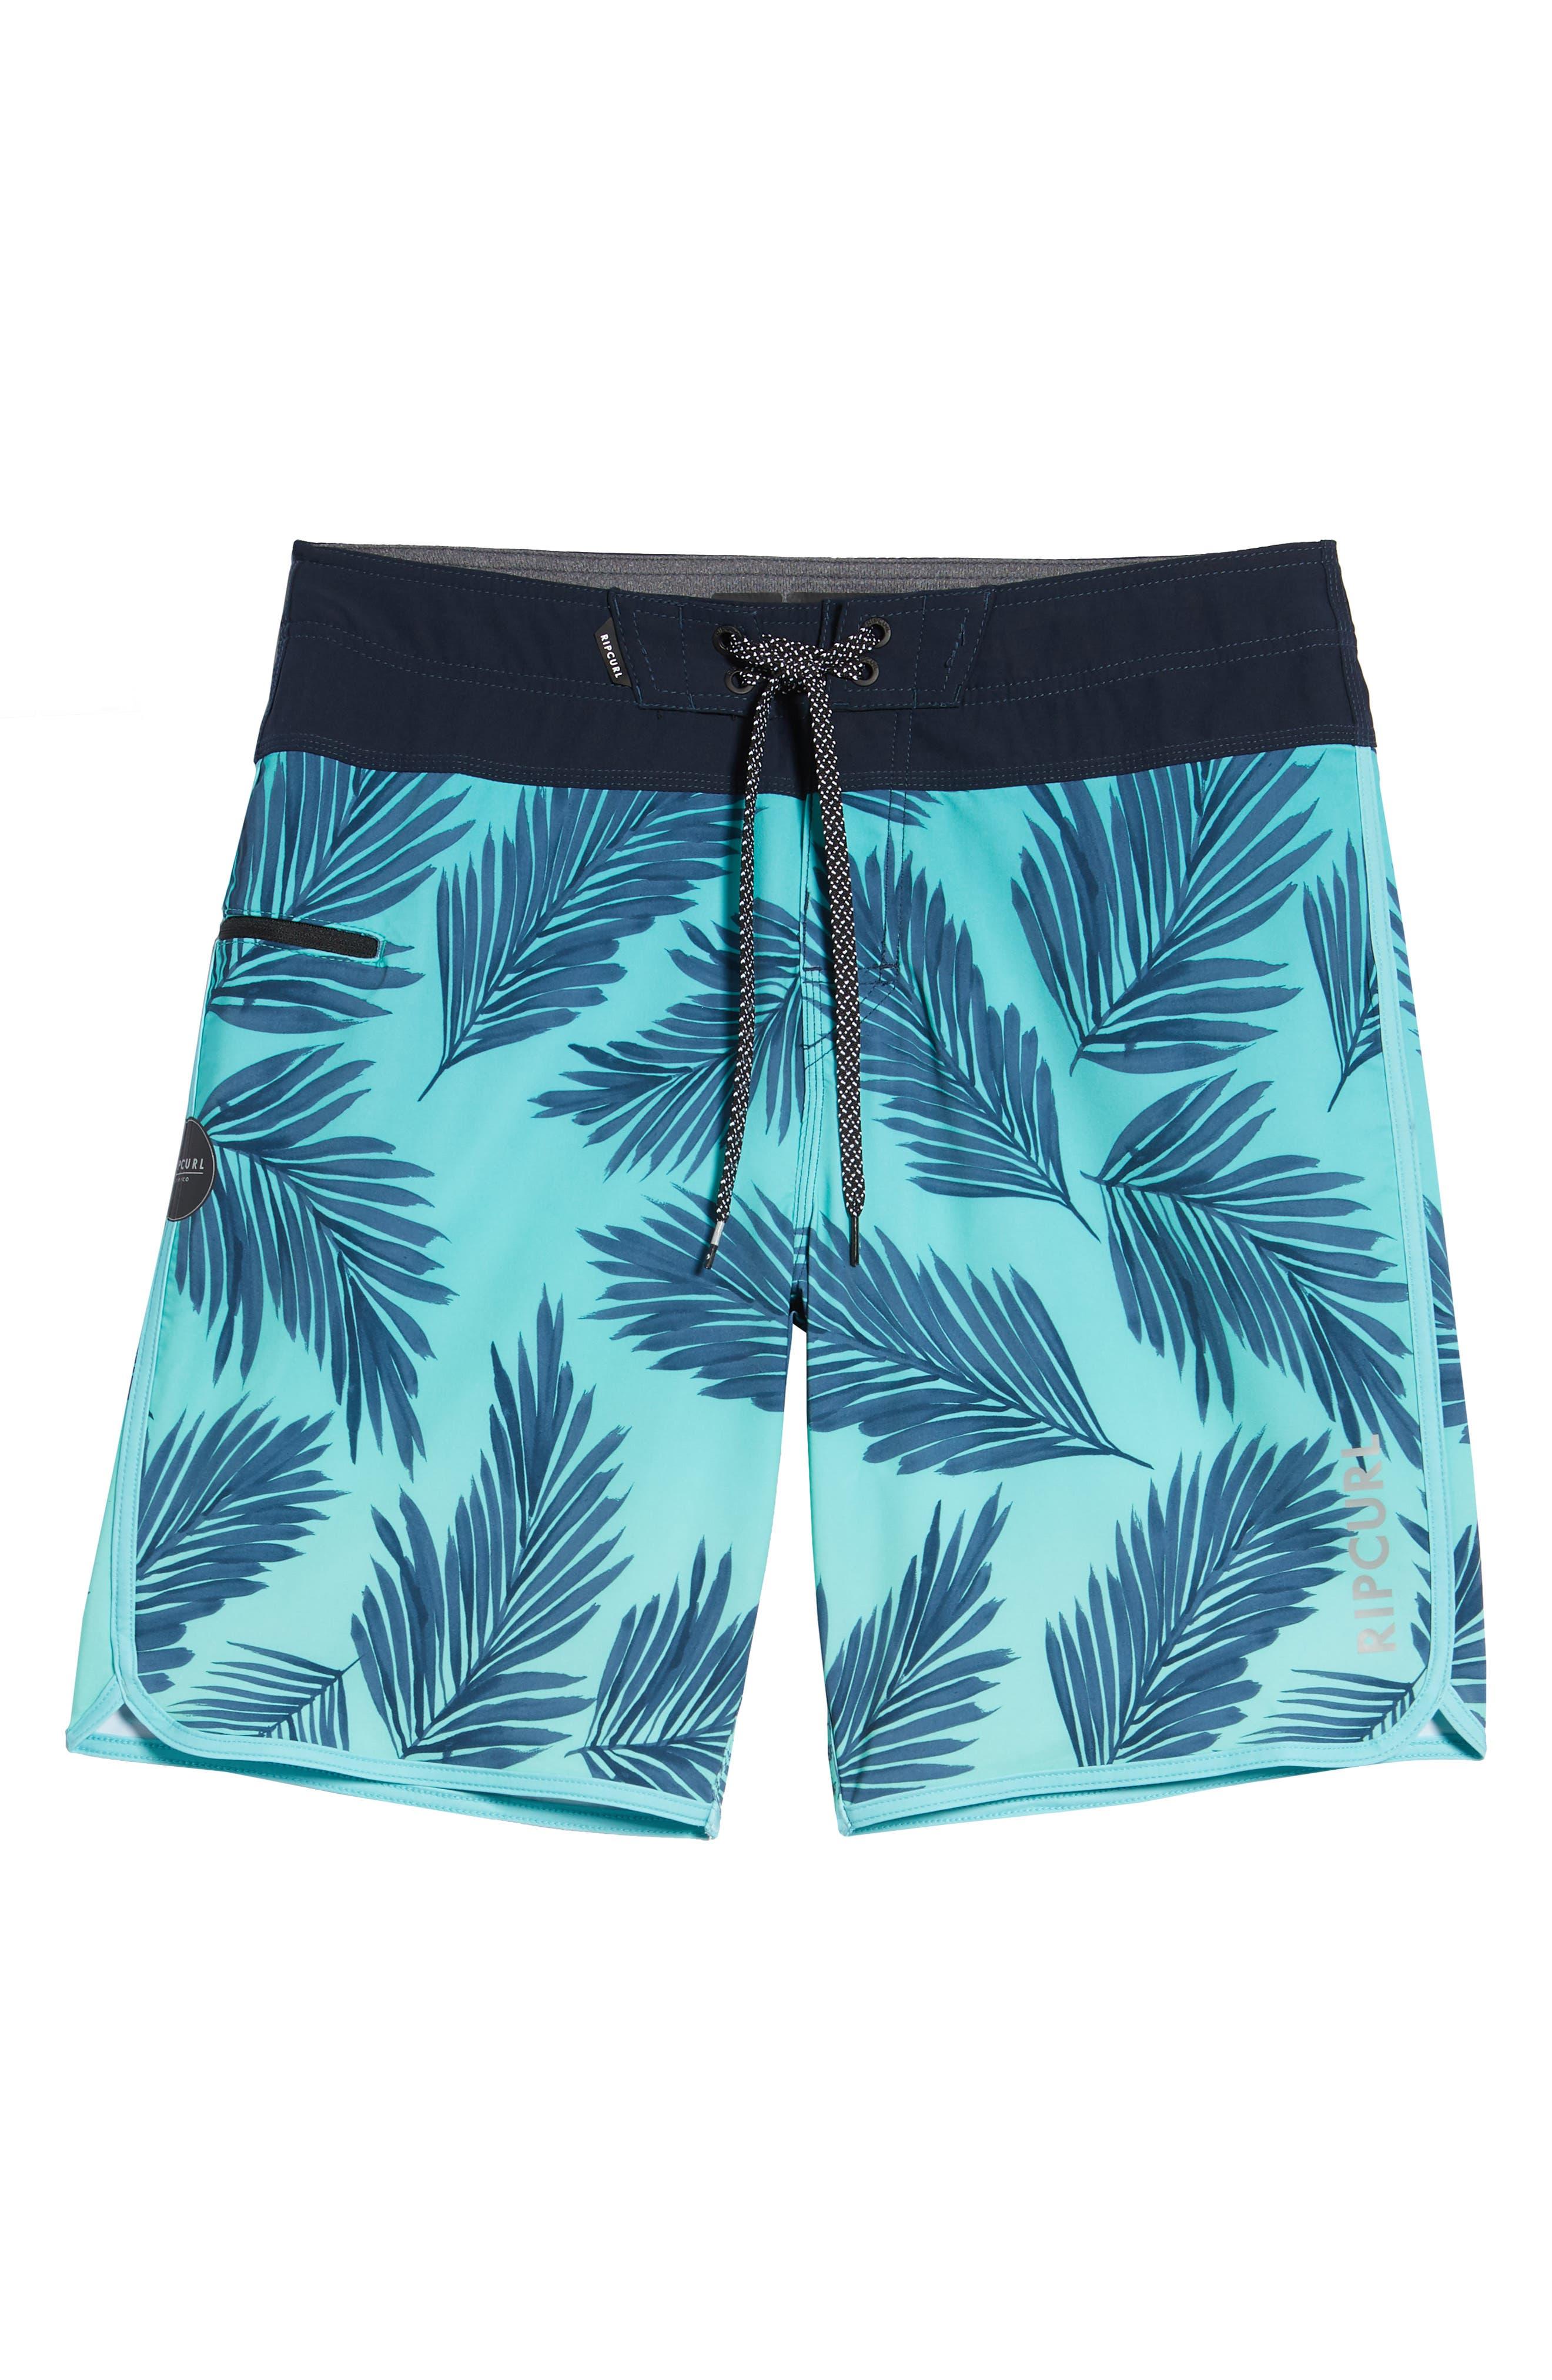 Mirage Mason Rockies Board Shorts,                             Alternate thumbnail 17, color,